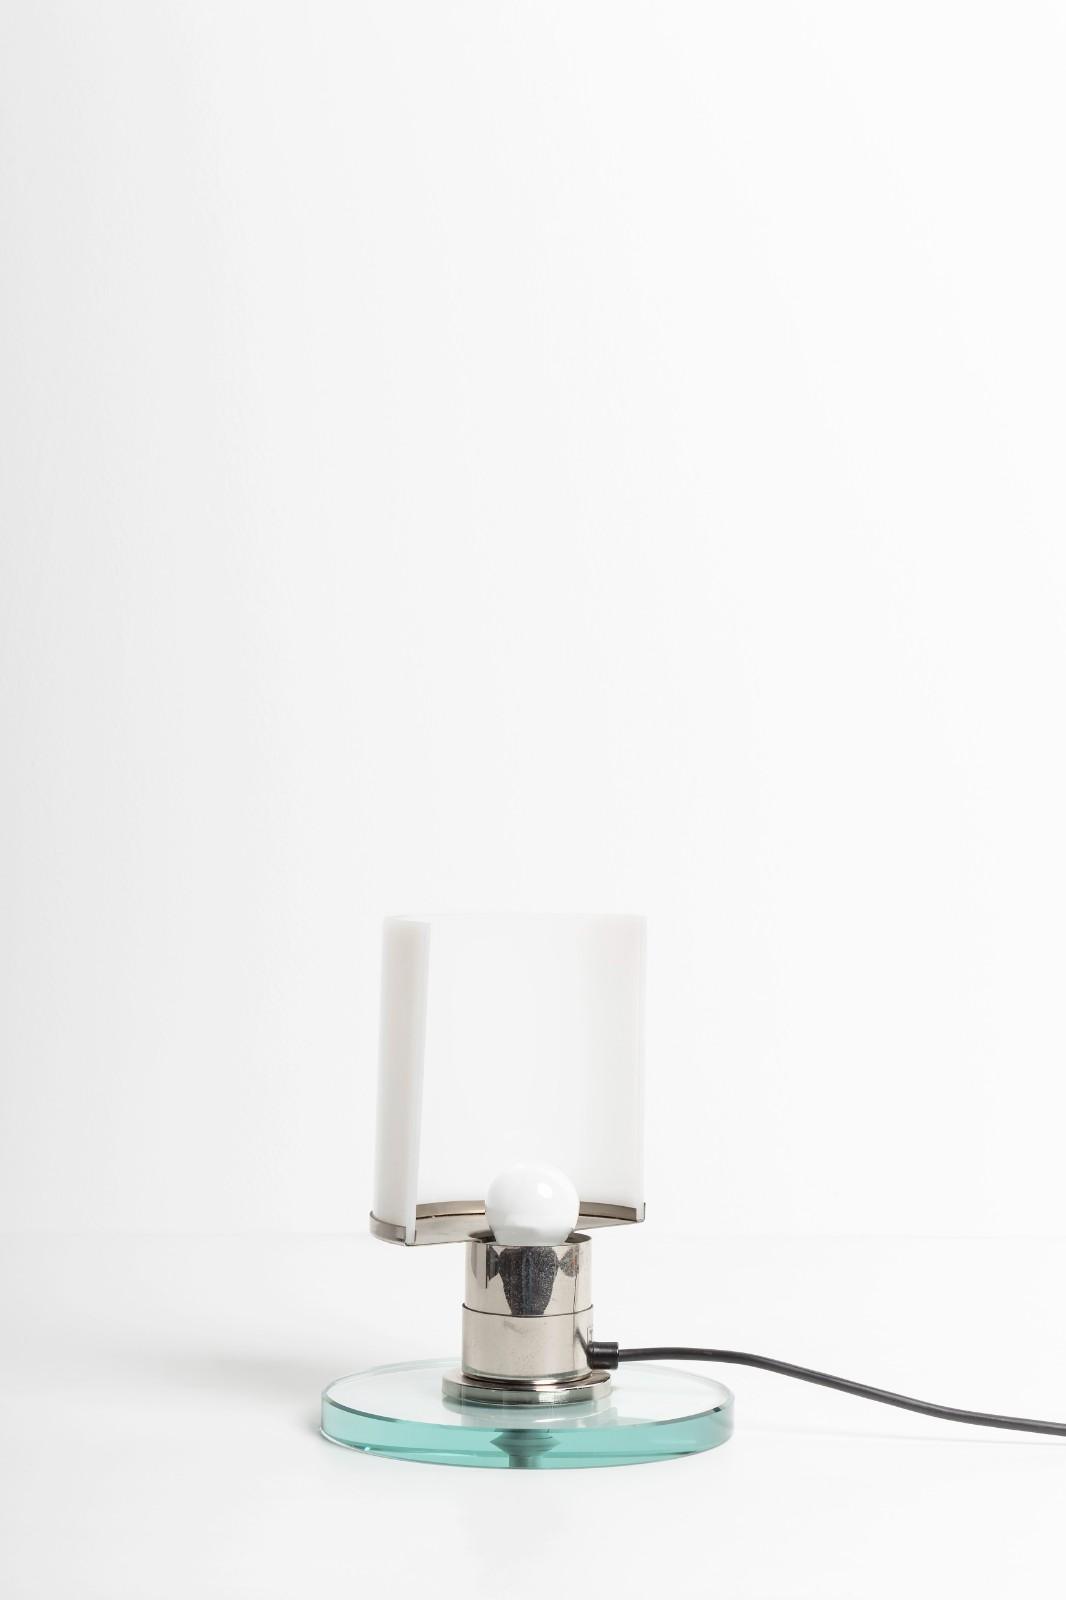 13 奧托·里特維格 L20包豪斯臺燈  1924年.jpg